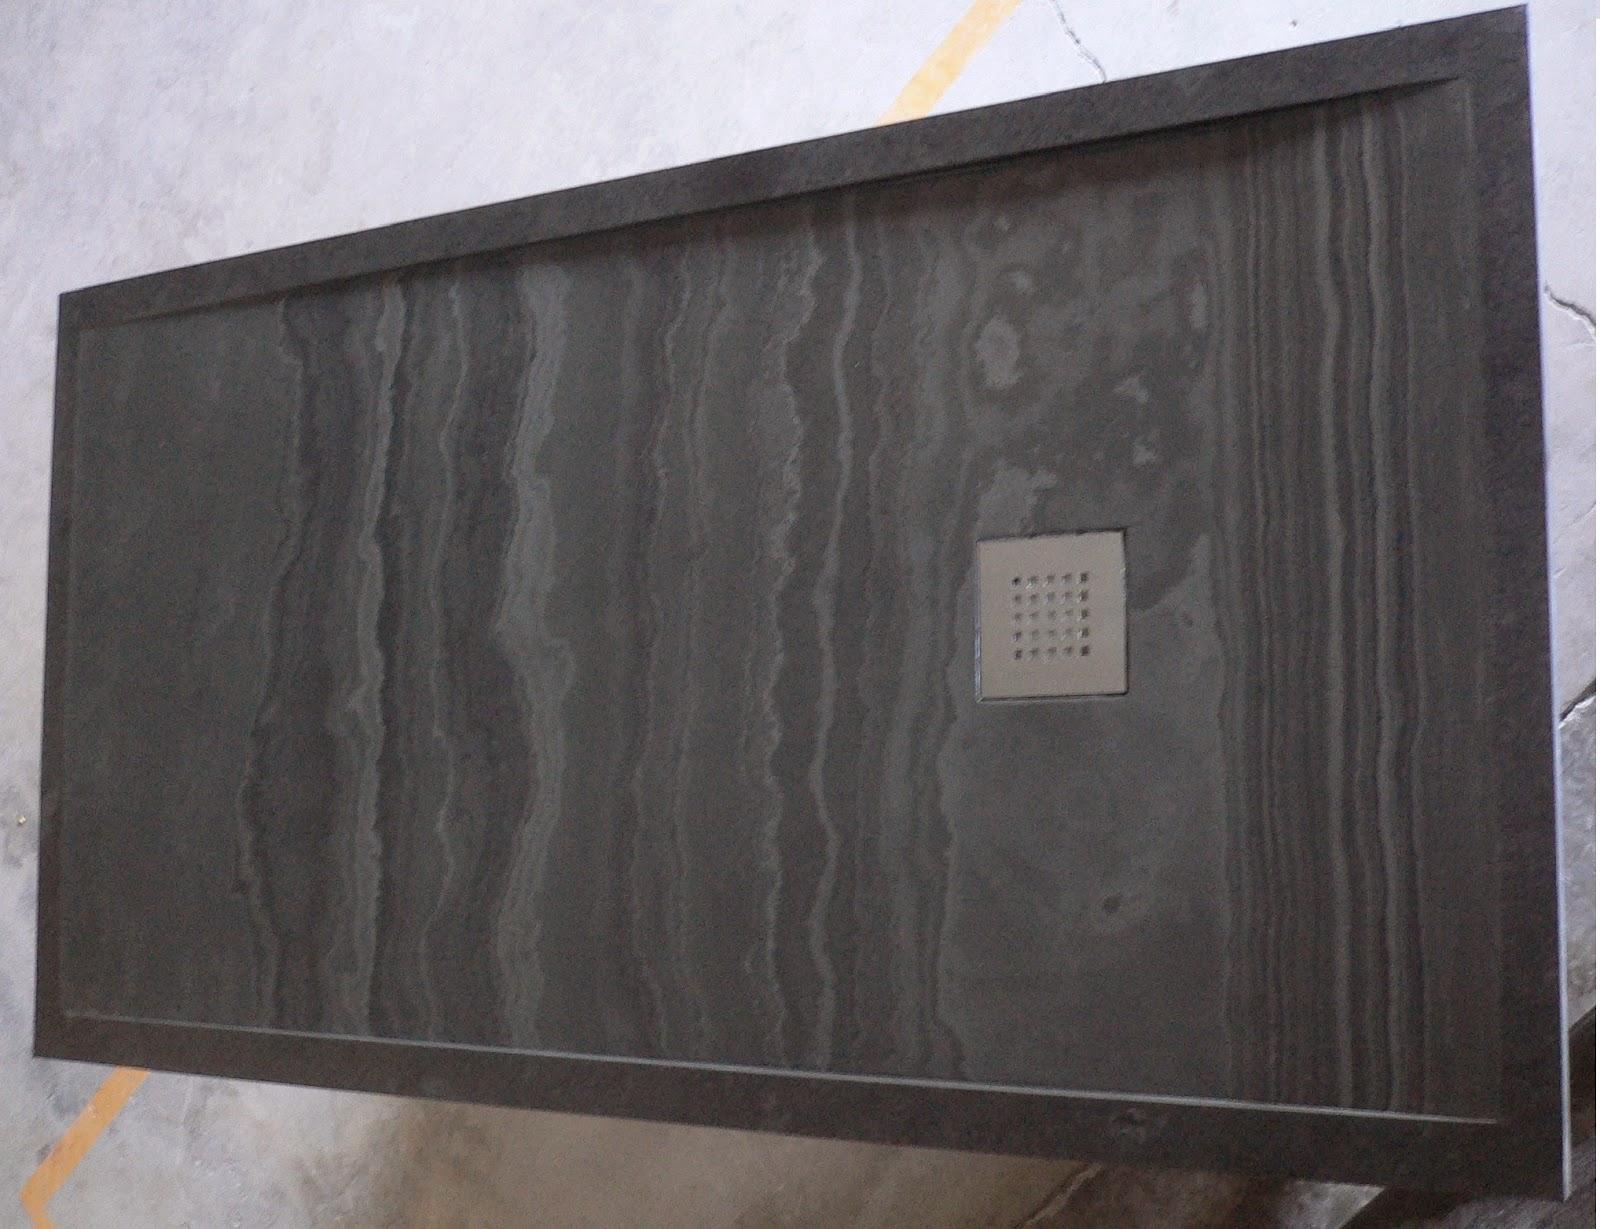 Marbres valls plat de dutxa mass s fet amb pissarra negra for Plats de dutxa